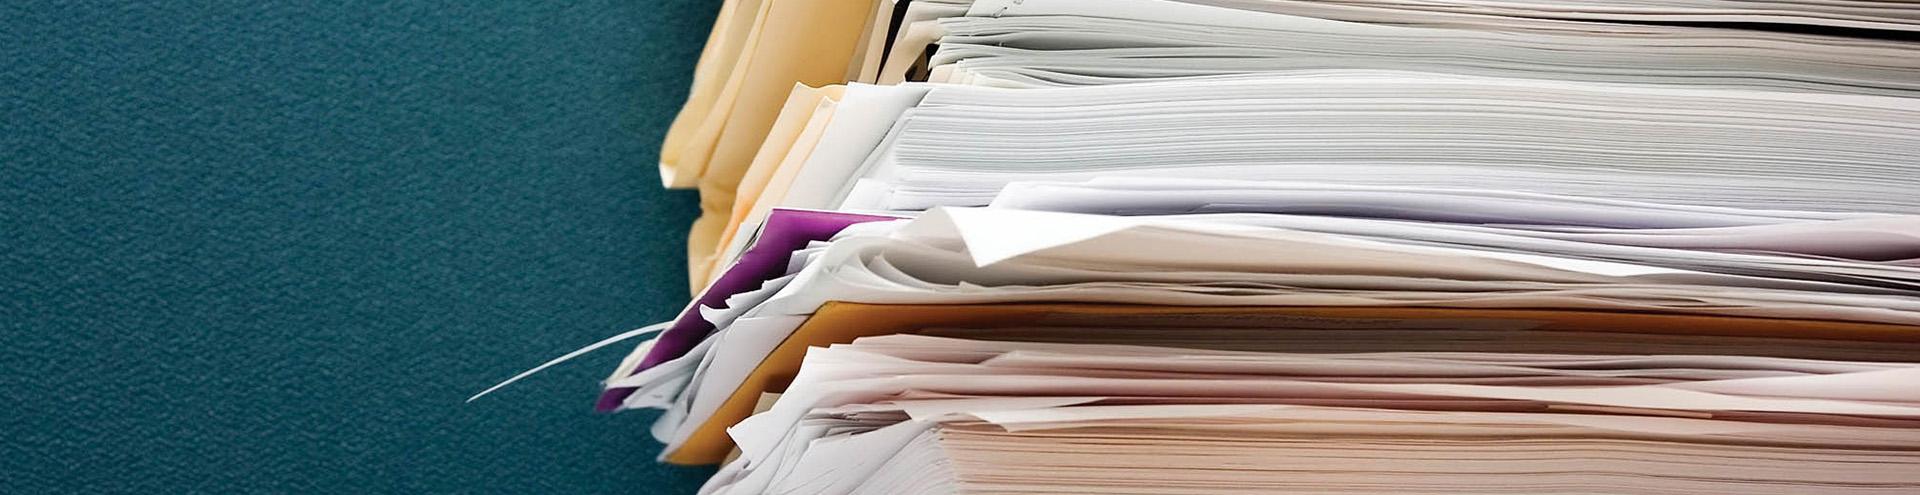 документы на банкротство физического лица в Краснодаре